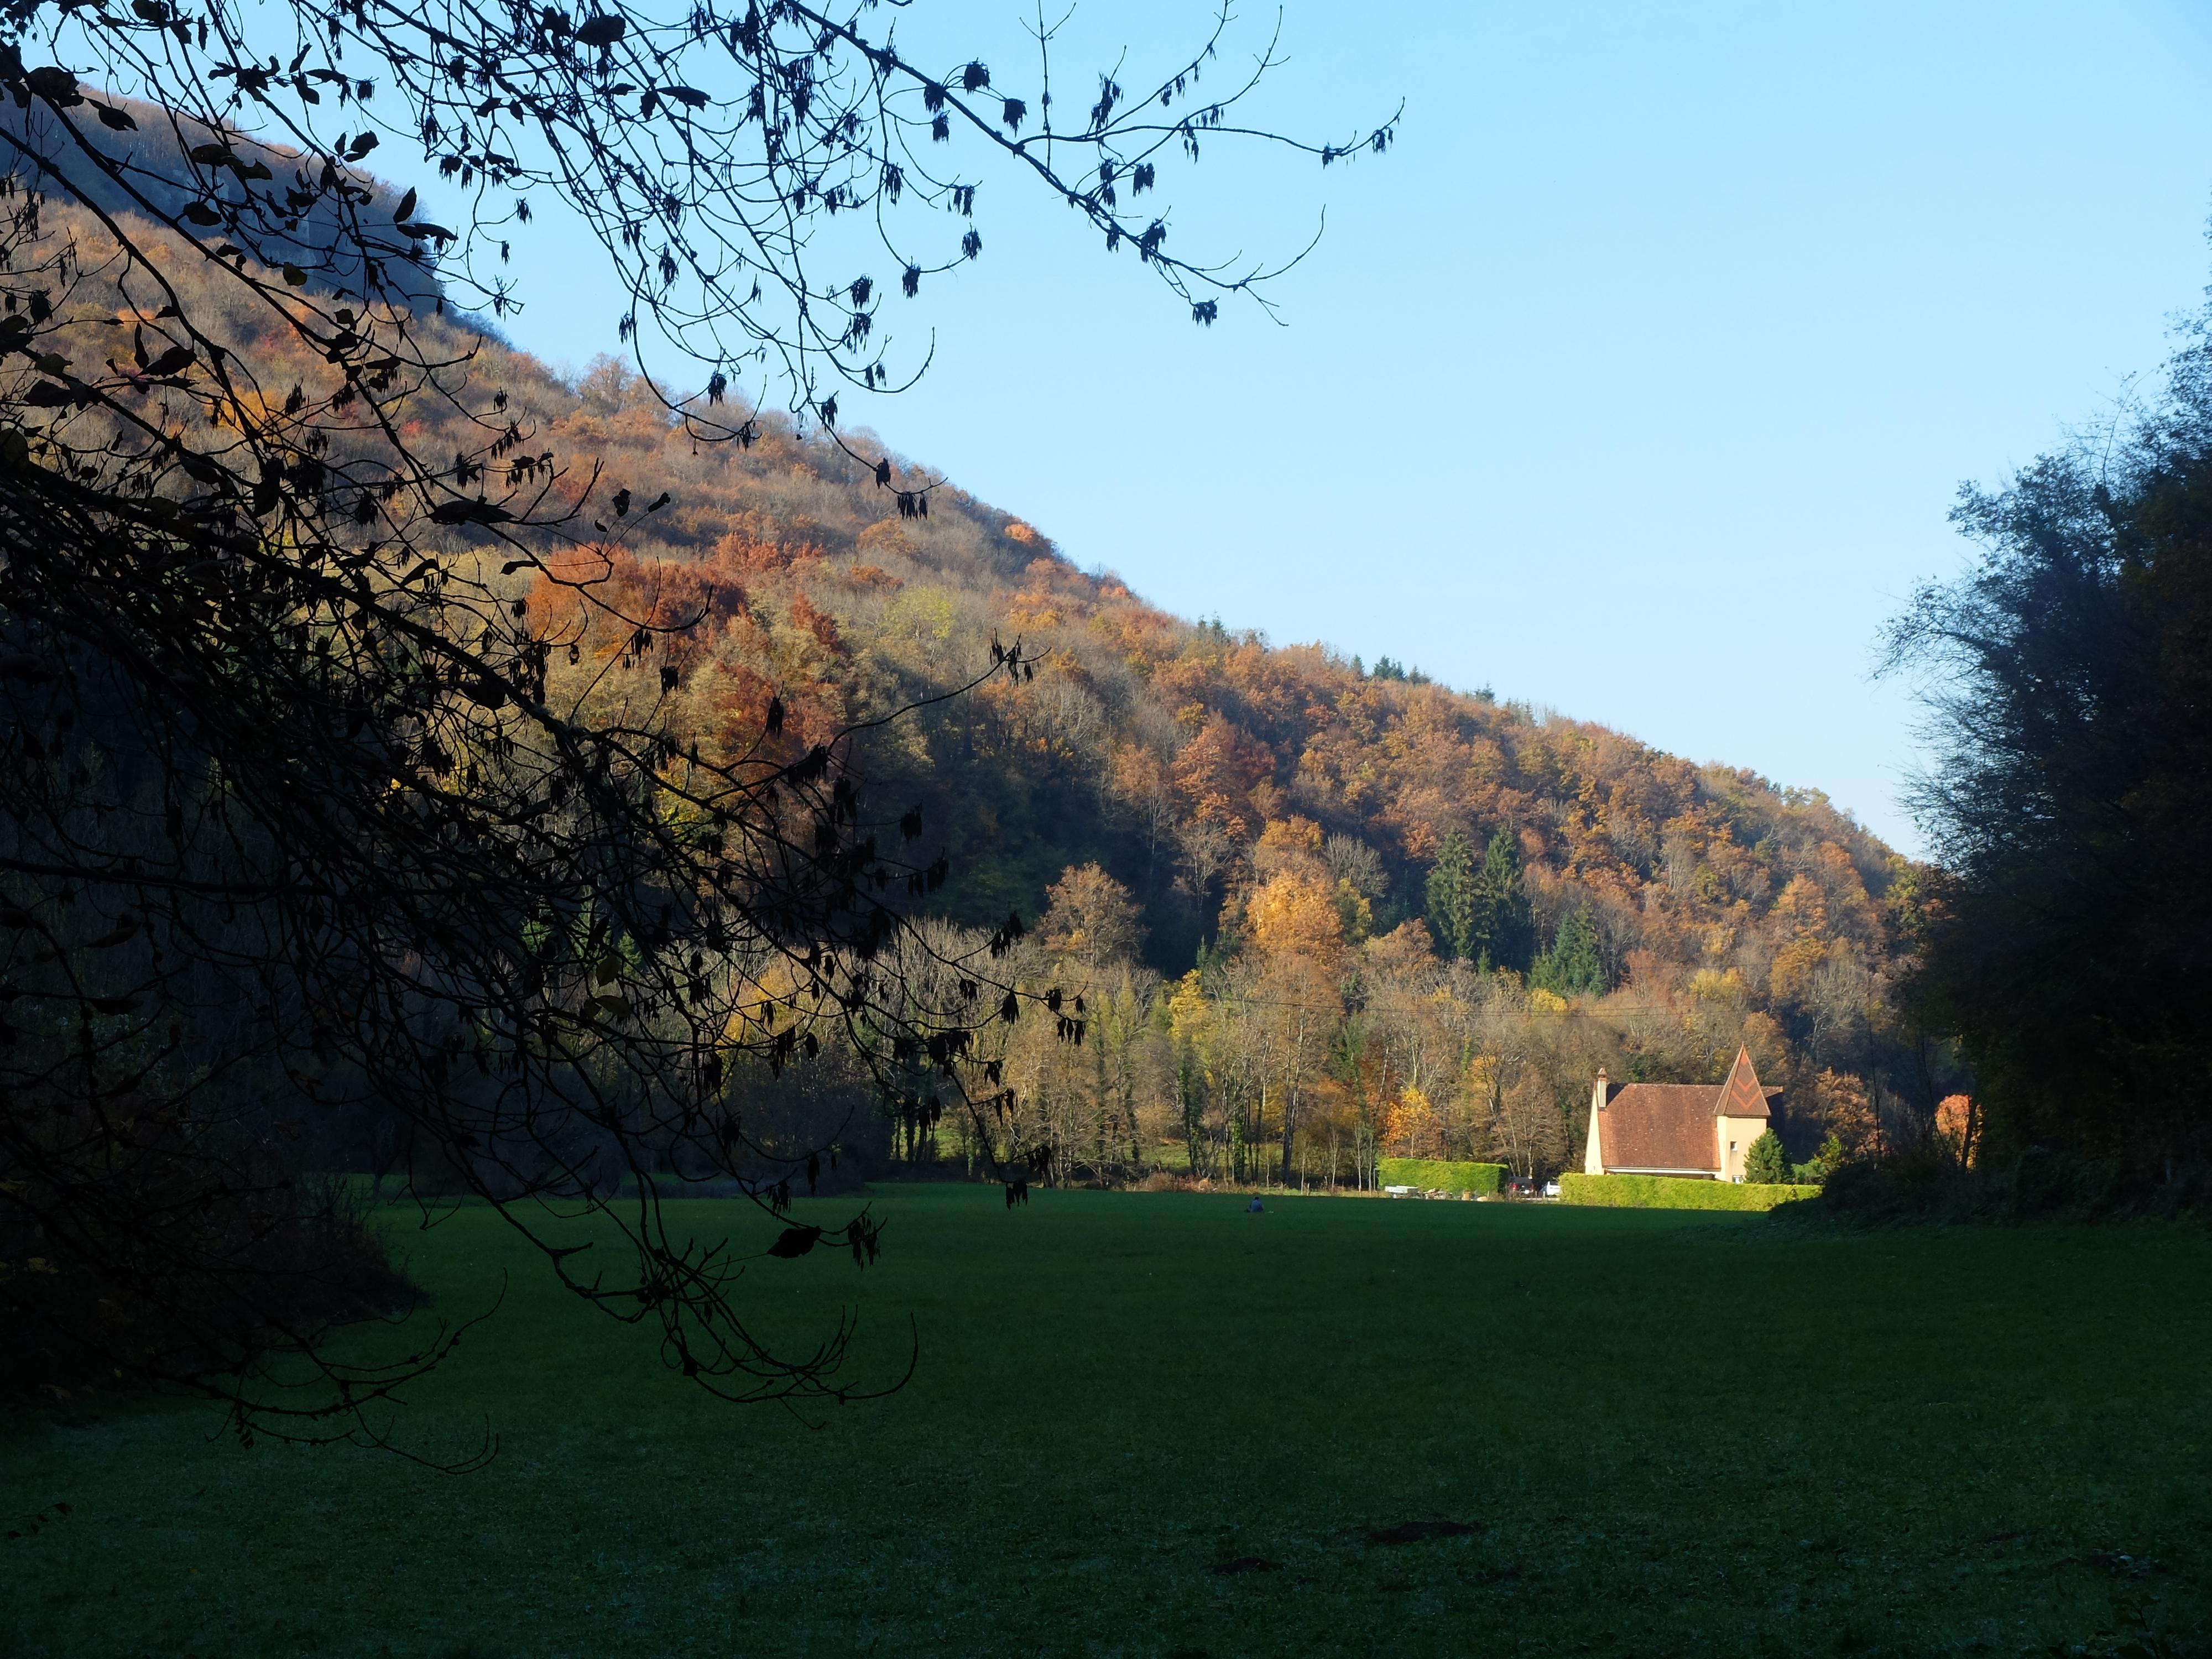 Cascades des Tufs - Planches-près-Arbois - Jura